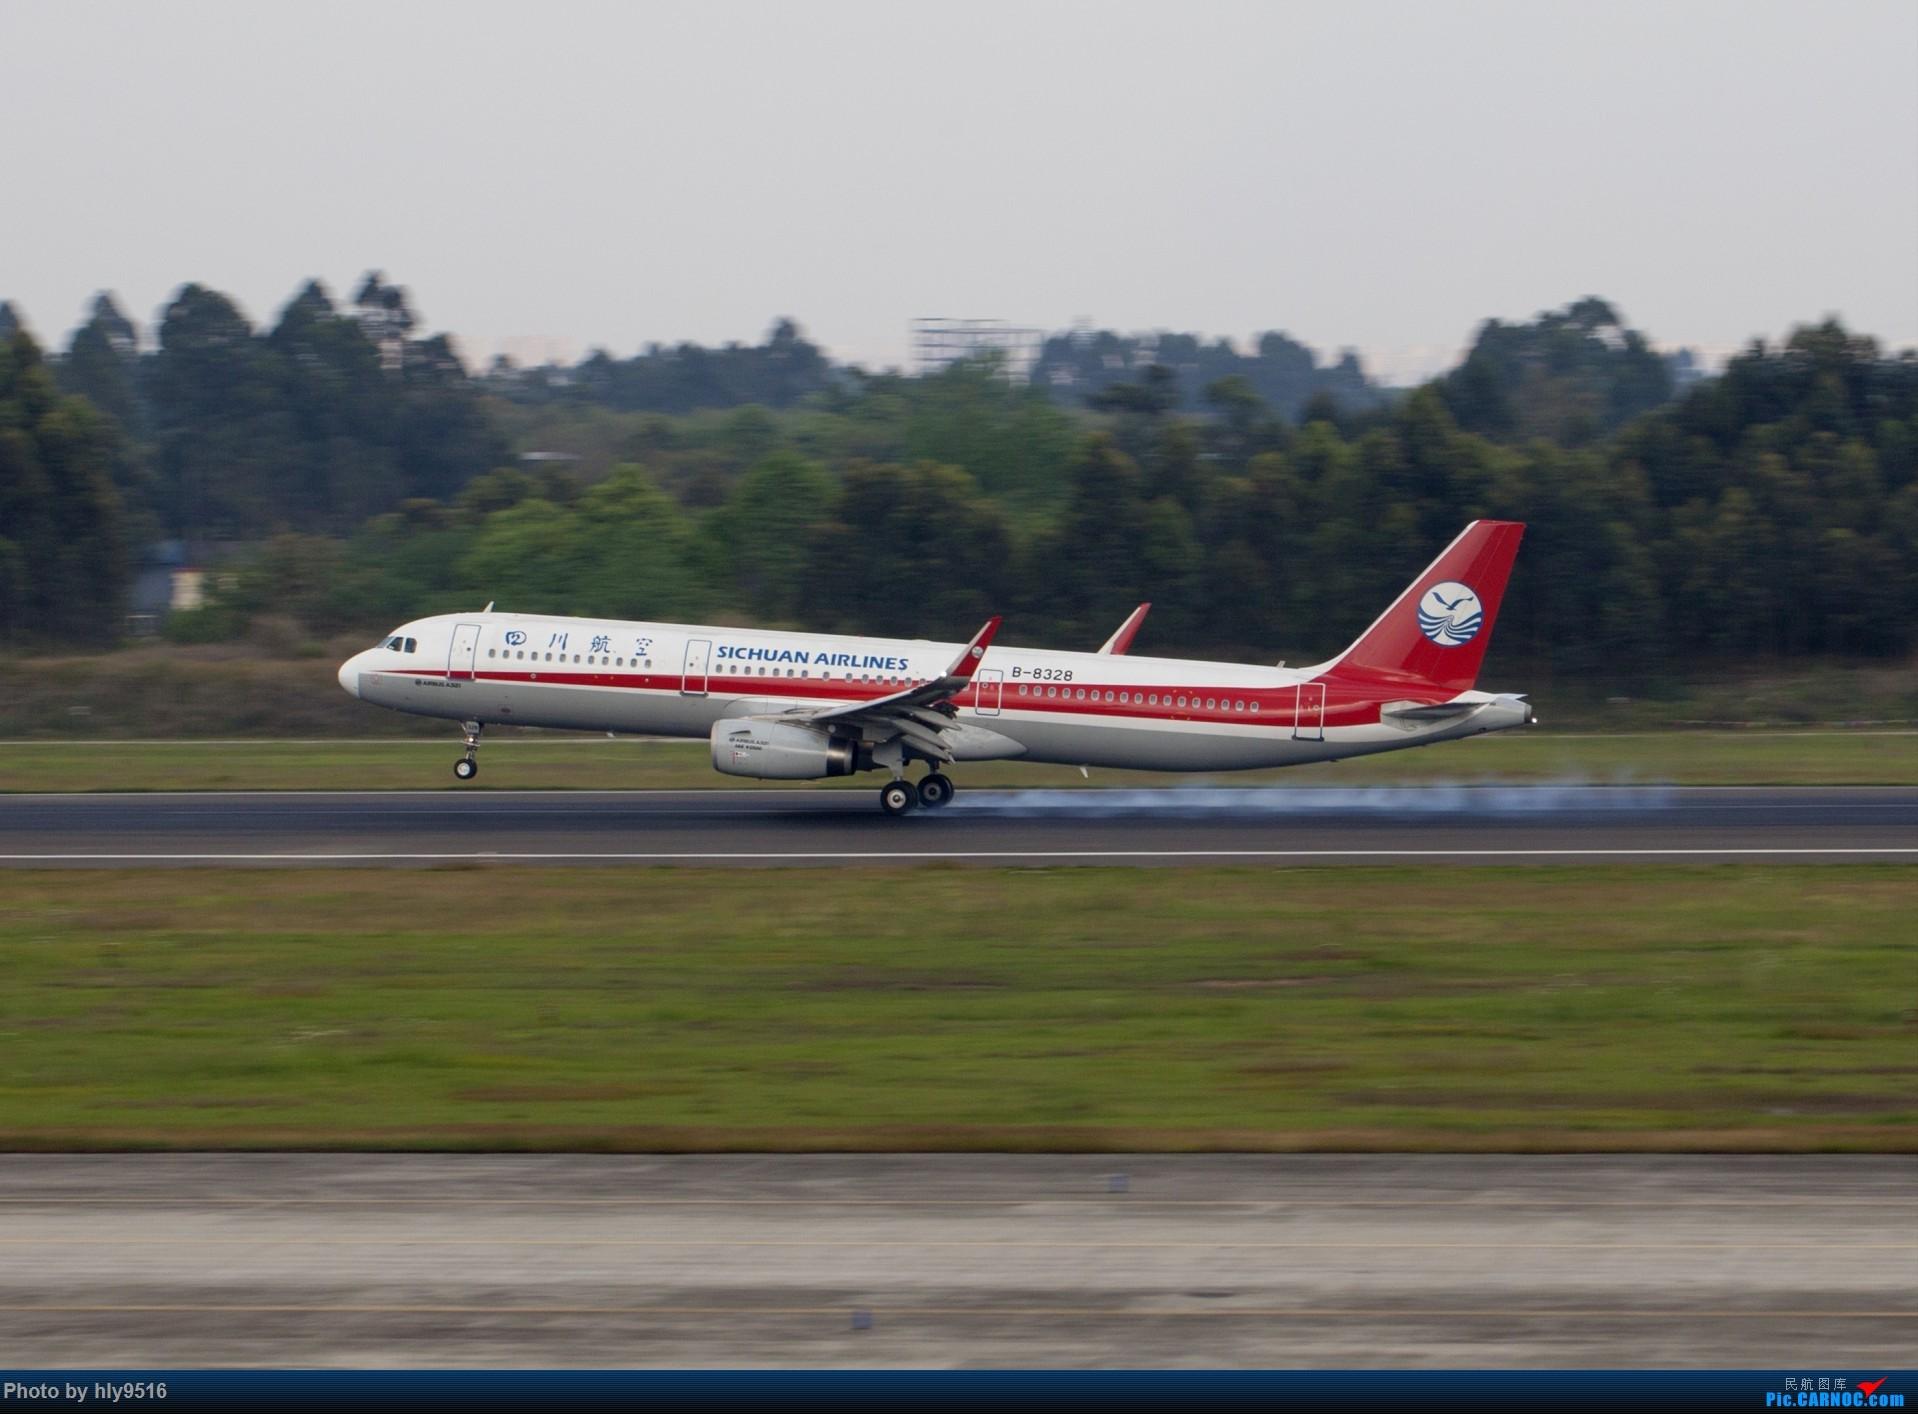 Re:[原创]【CTU】终于解决了大怨念南航A380 偶遇长荣新涂装 两次复飞 小怨念若干 AIRBUS A321-200 B-8328 中国成都双流国际机场